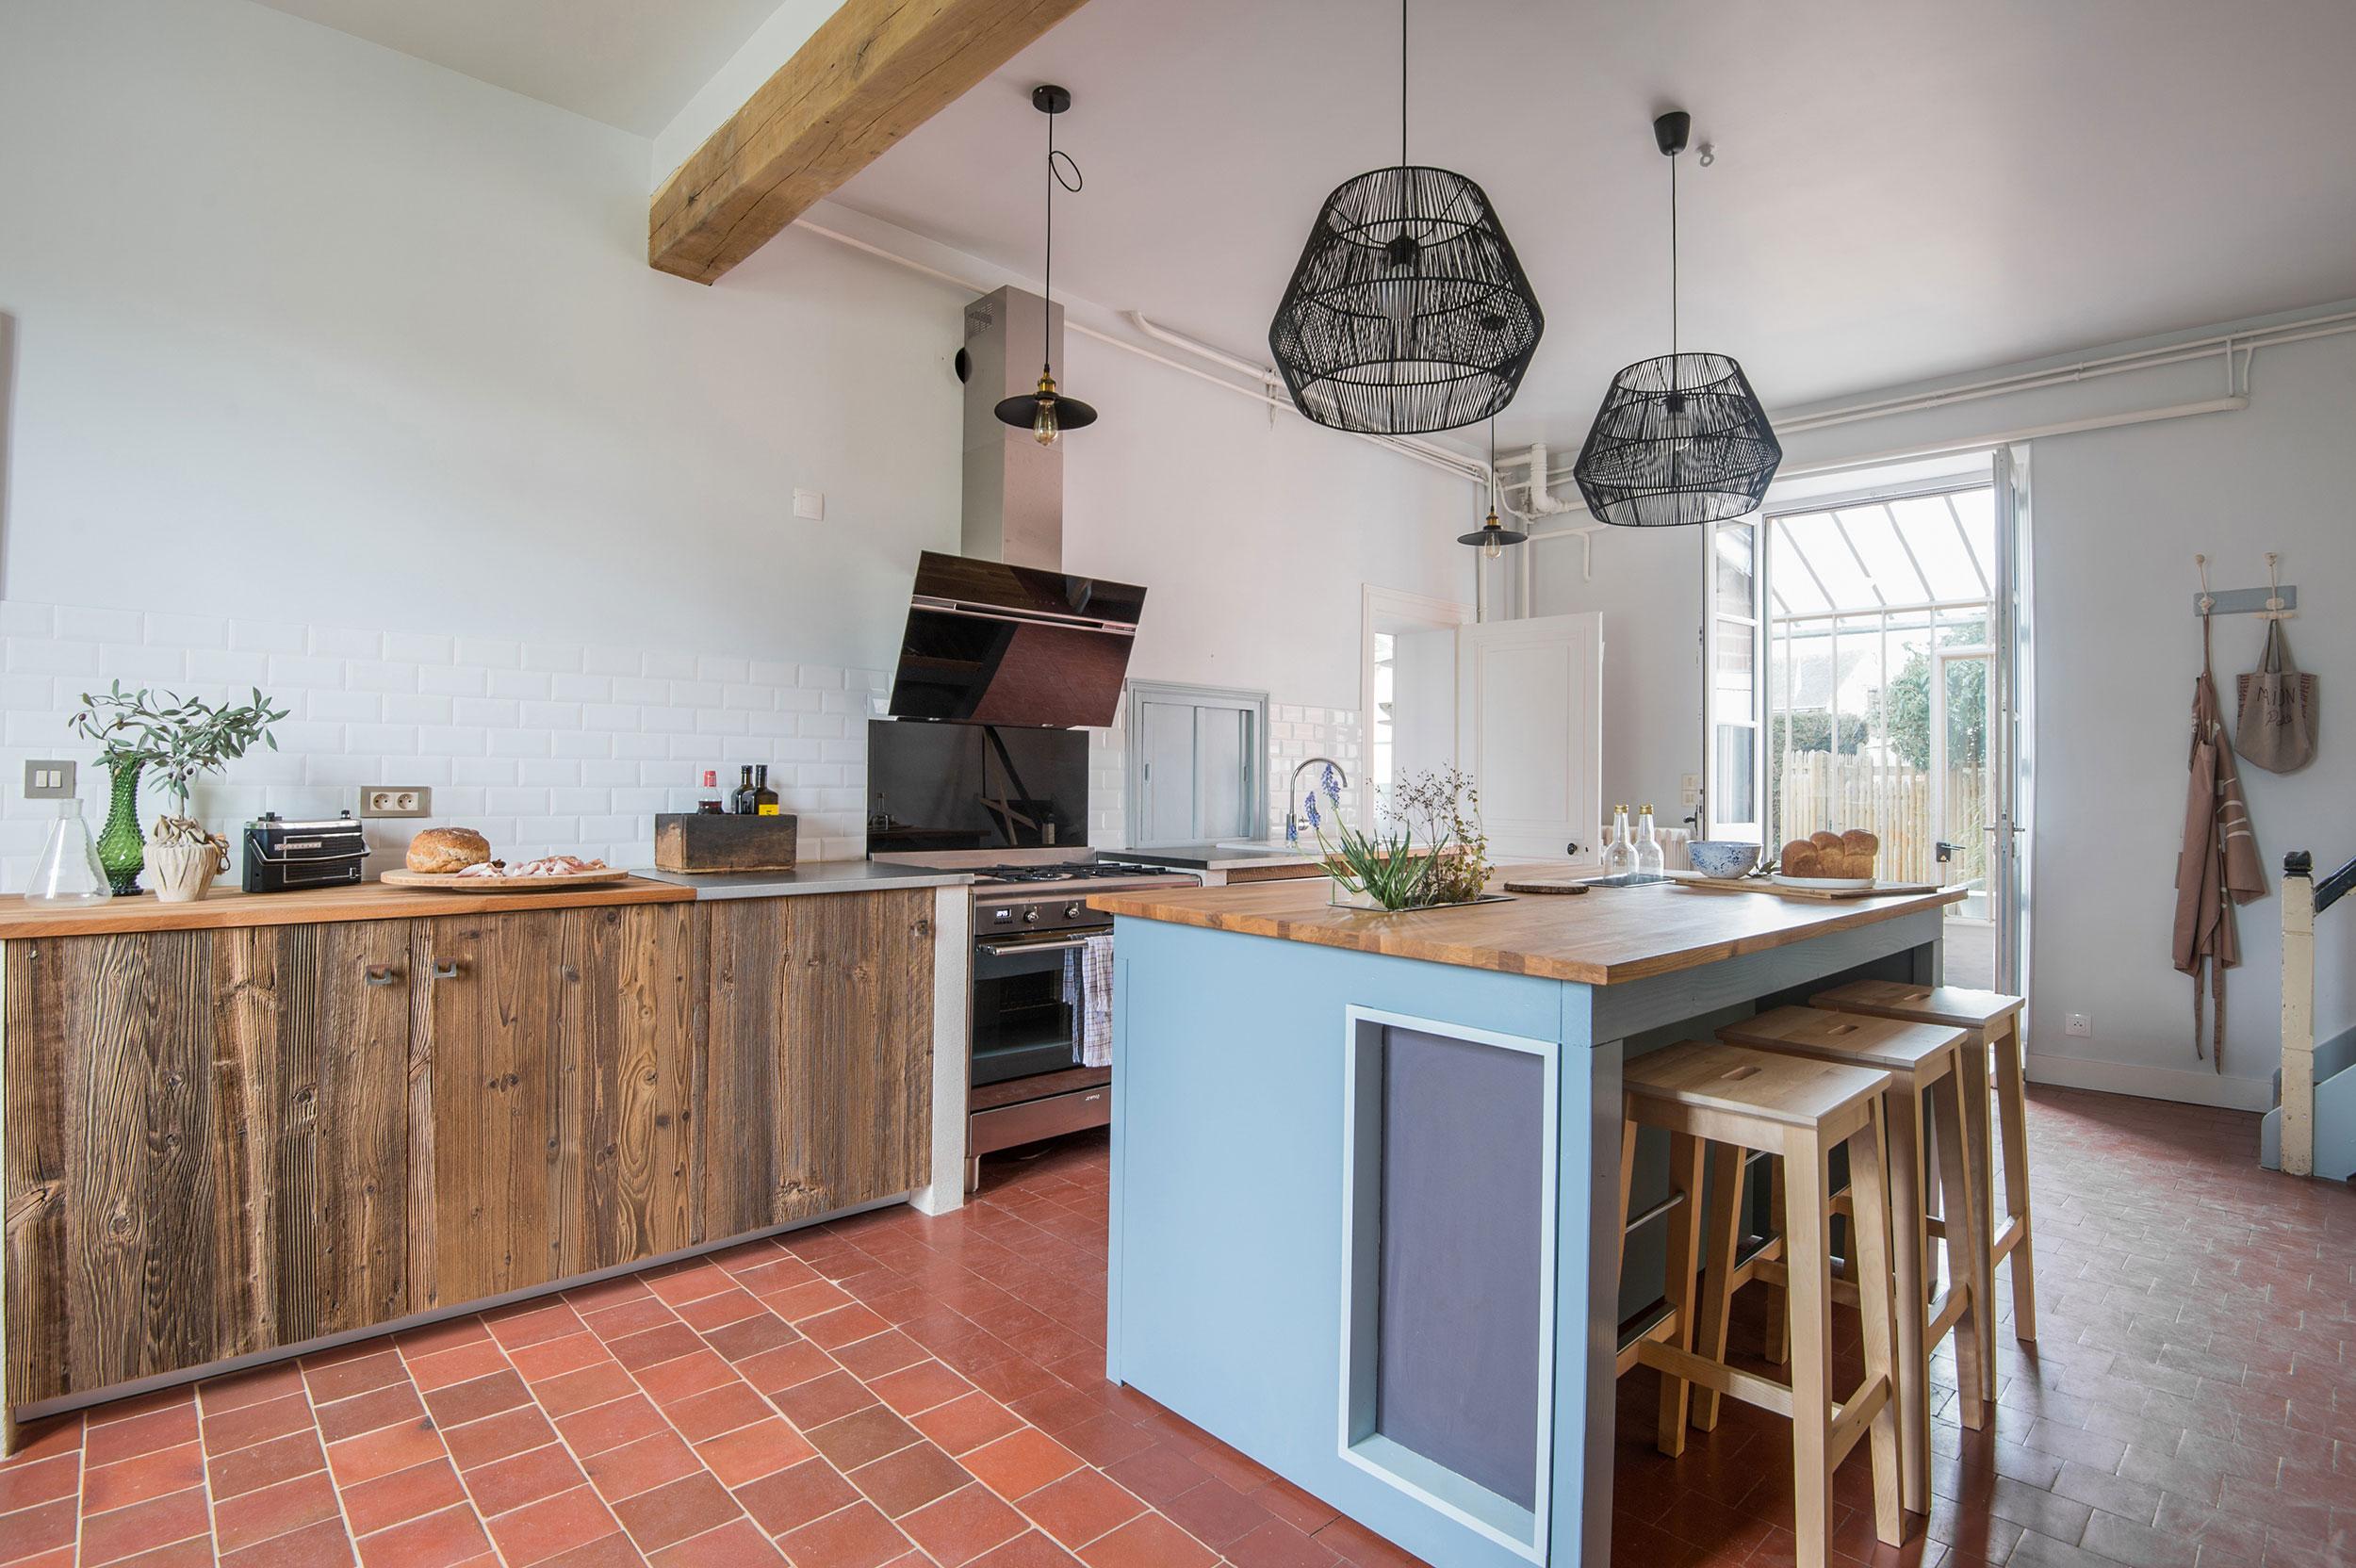 Cuisine Maison Campagne maison_paulette-cuisine-hébergement-campagne-particulier